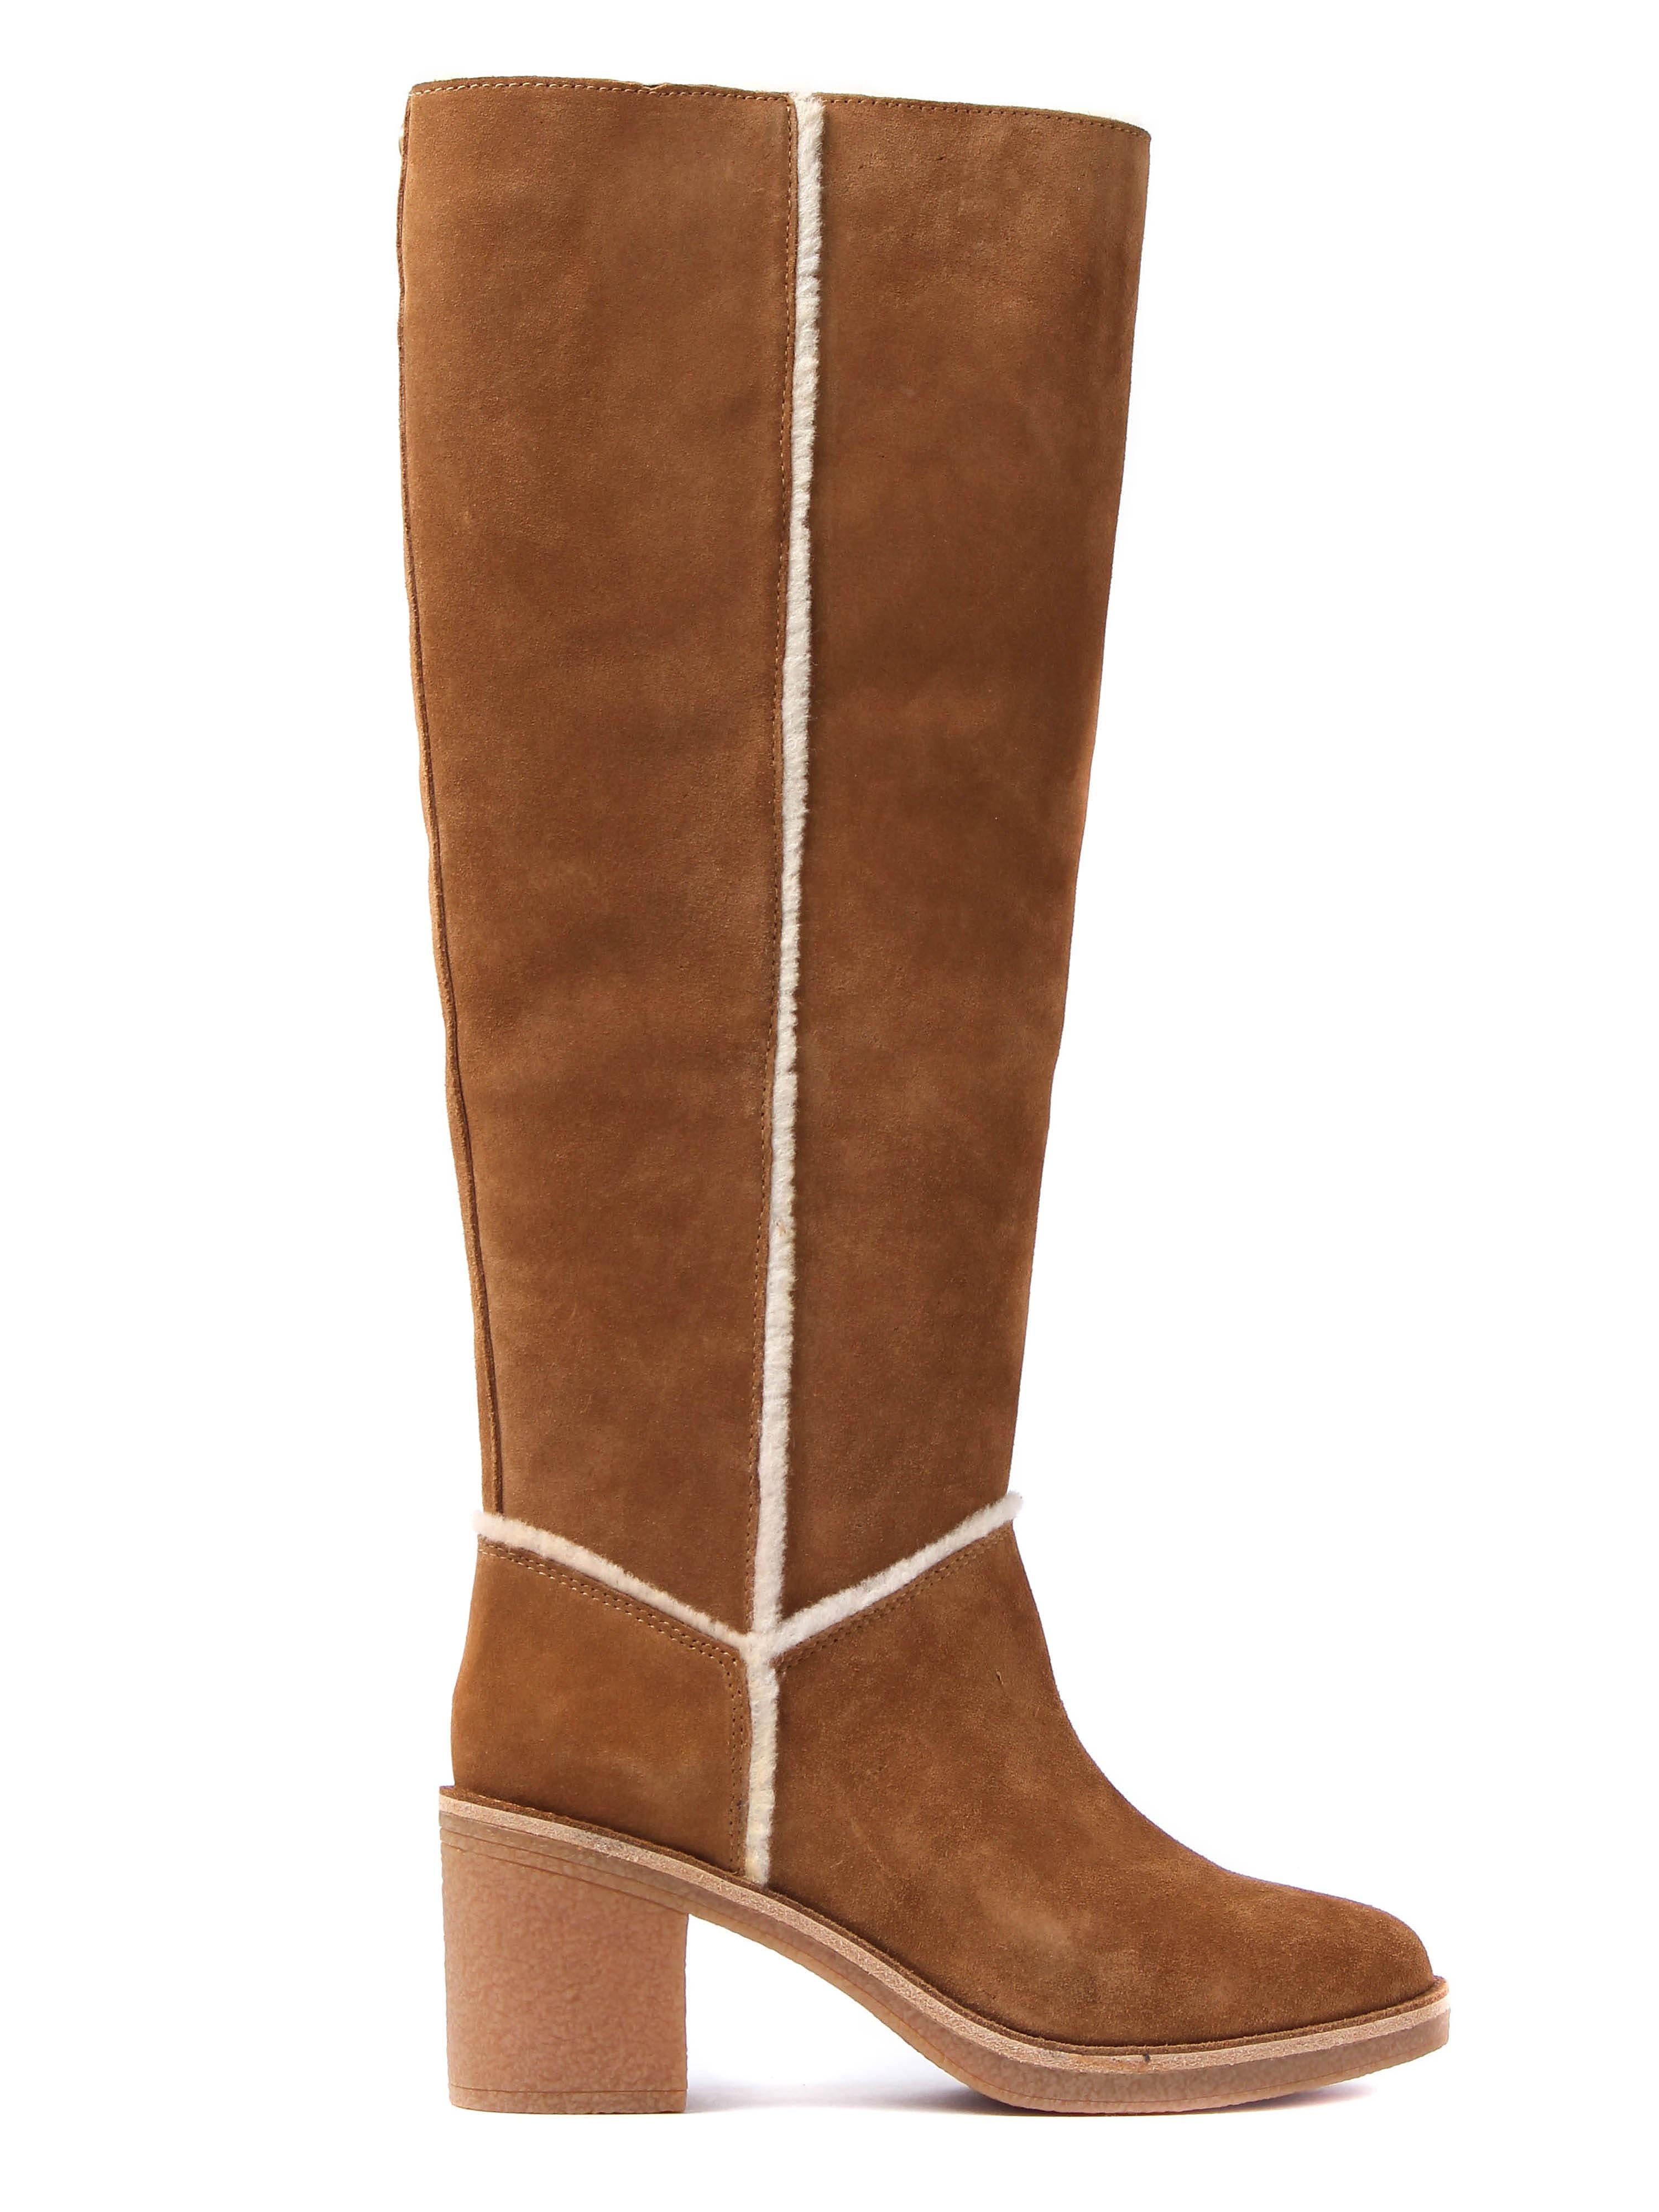 UGG Women's Kasen Tall Boots - Chestnut